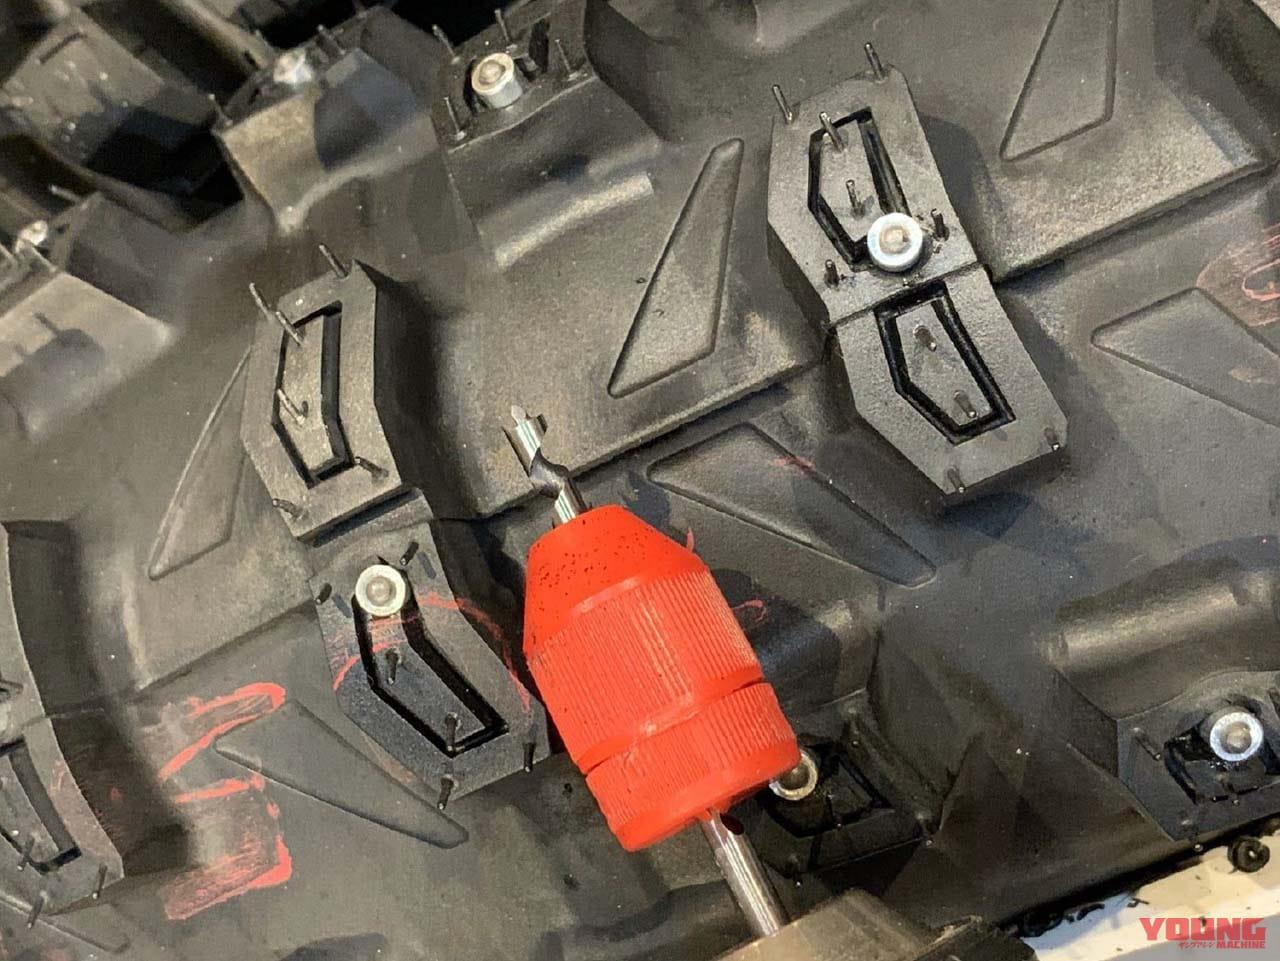 ドリルで穴をあけてスパイクタイヤを自作